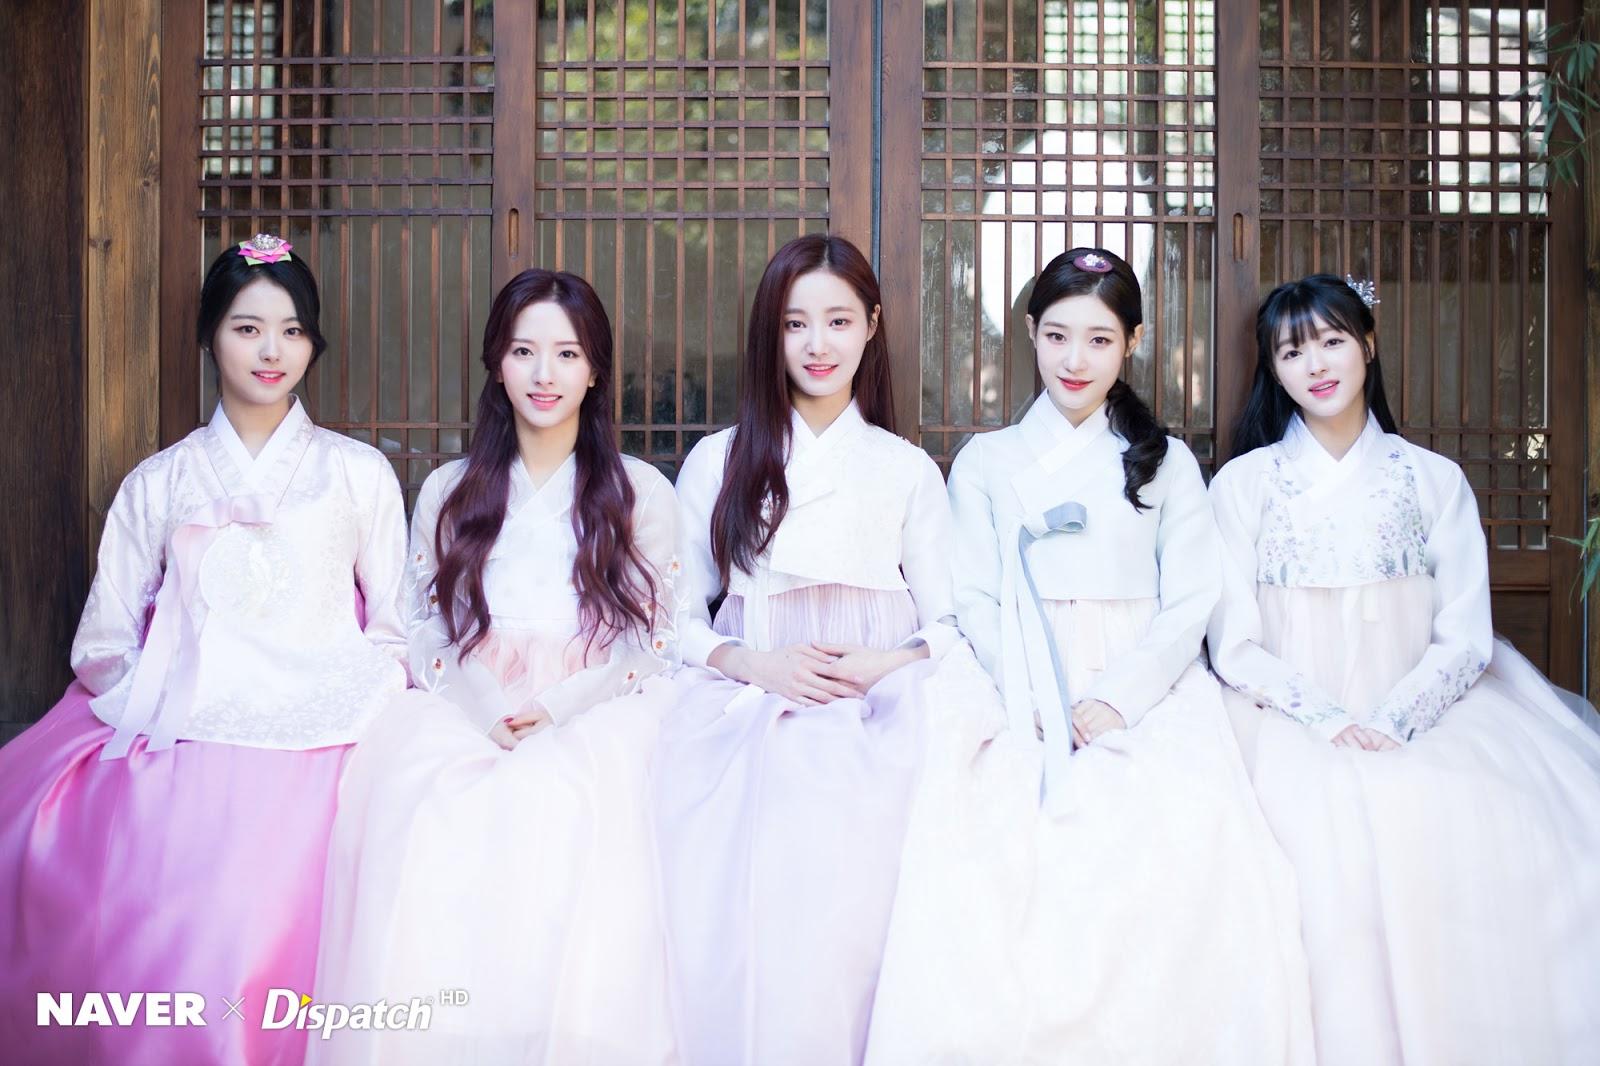 Ồn ào câu chuyện trang phục truyền thống của Hàn Quốc - 2